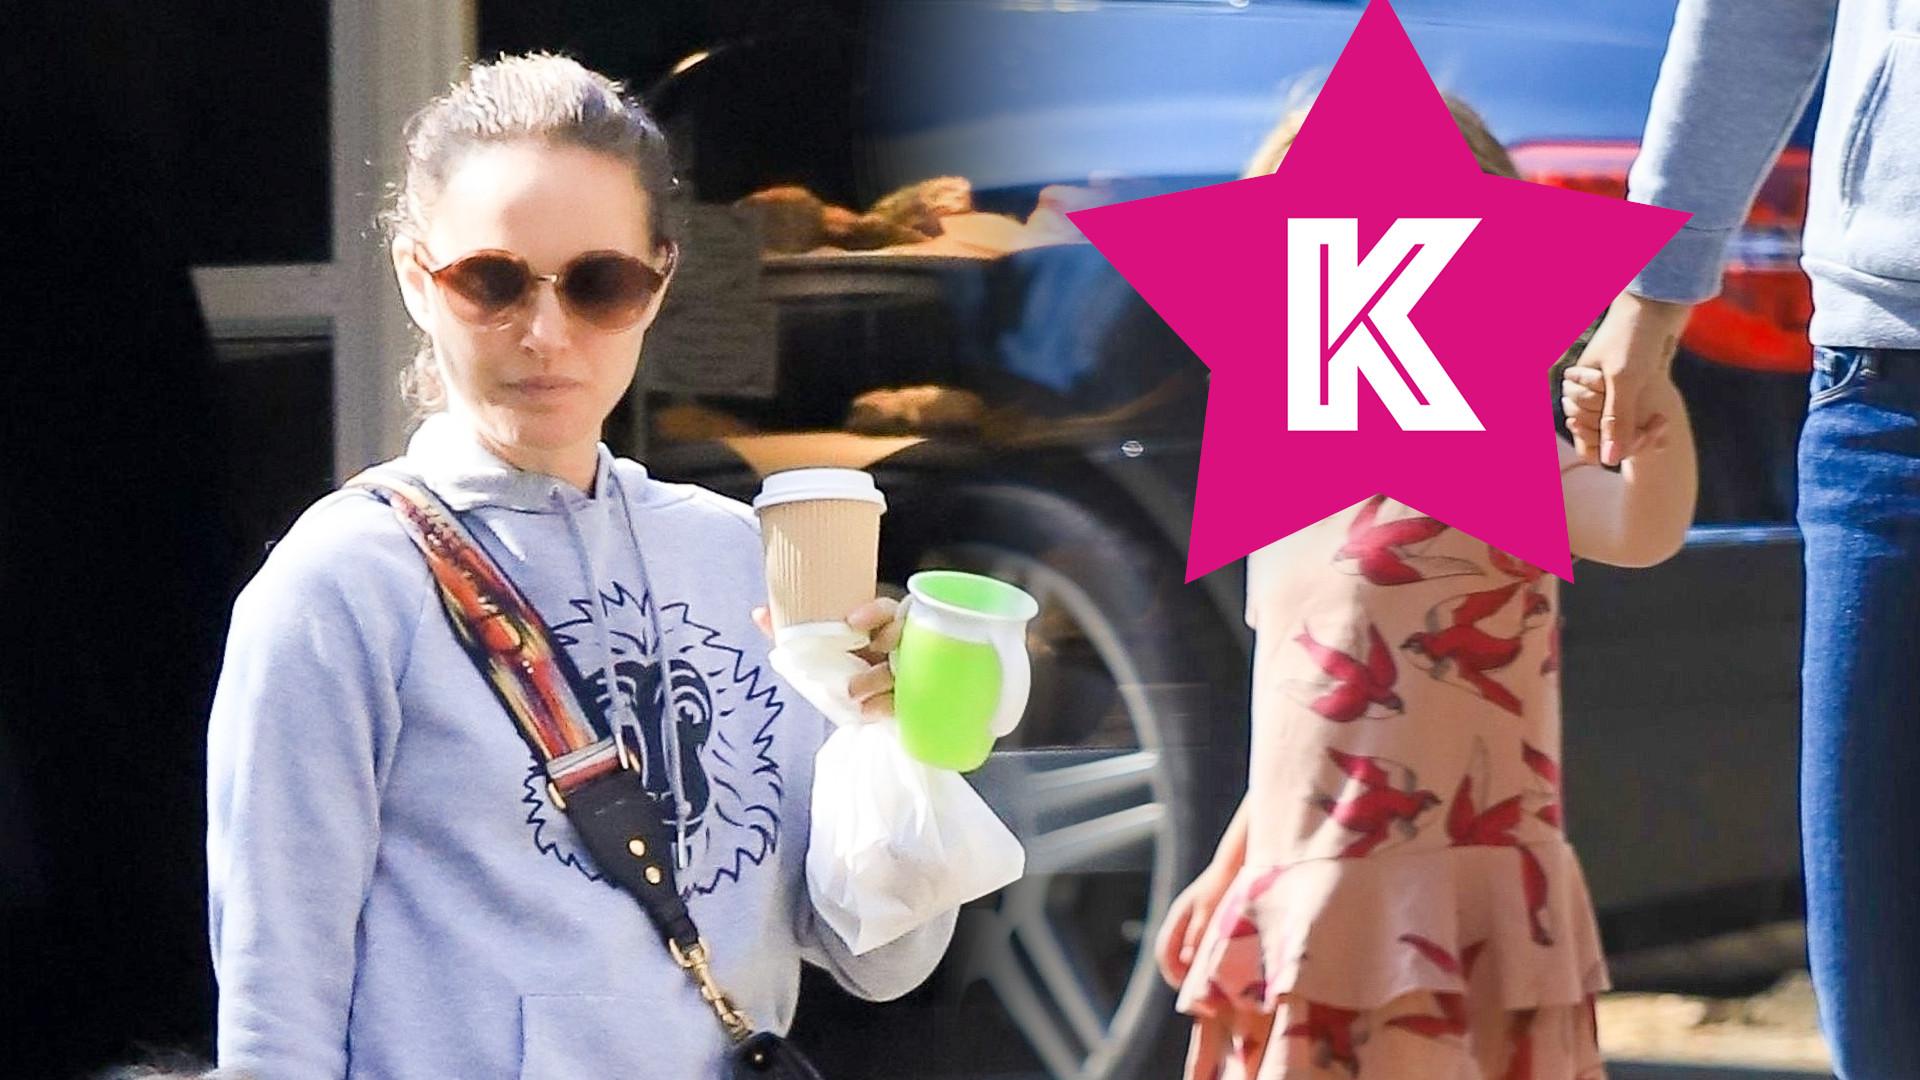 Natalie Portman z 3-letnią córką Amalią. Dziewczynka bardzo urosła! (ZDJĘCIA)